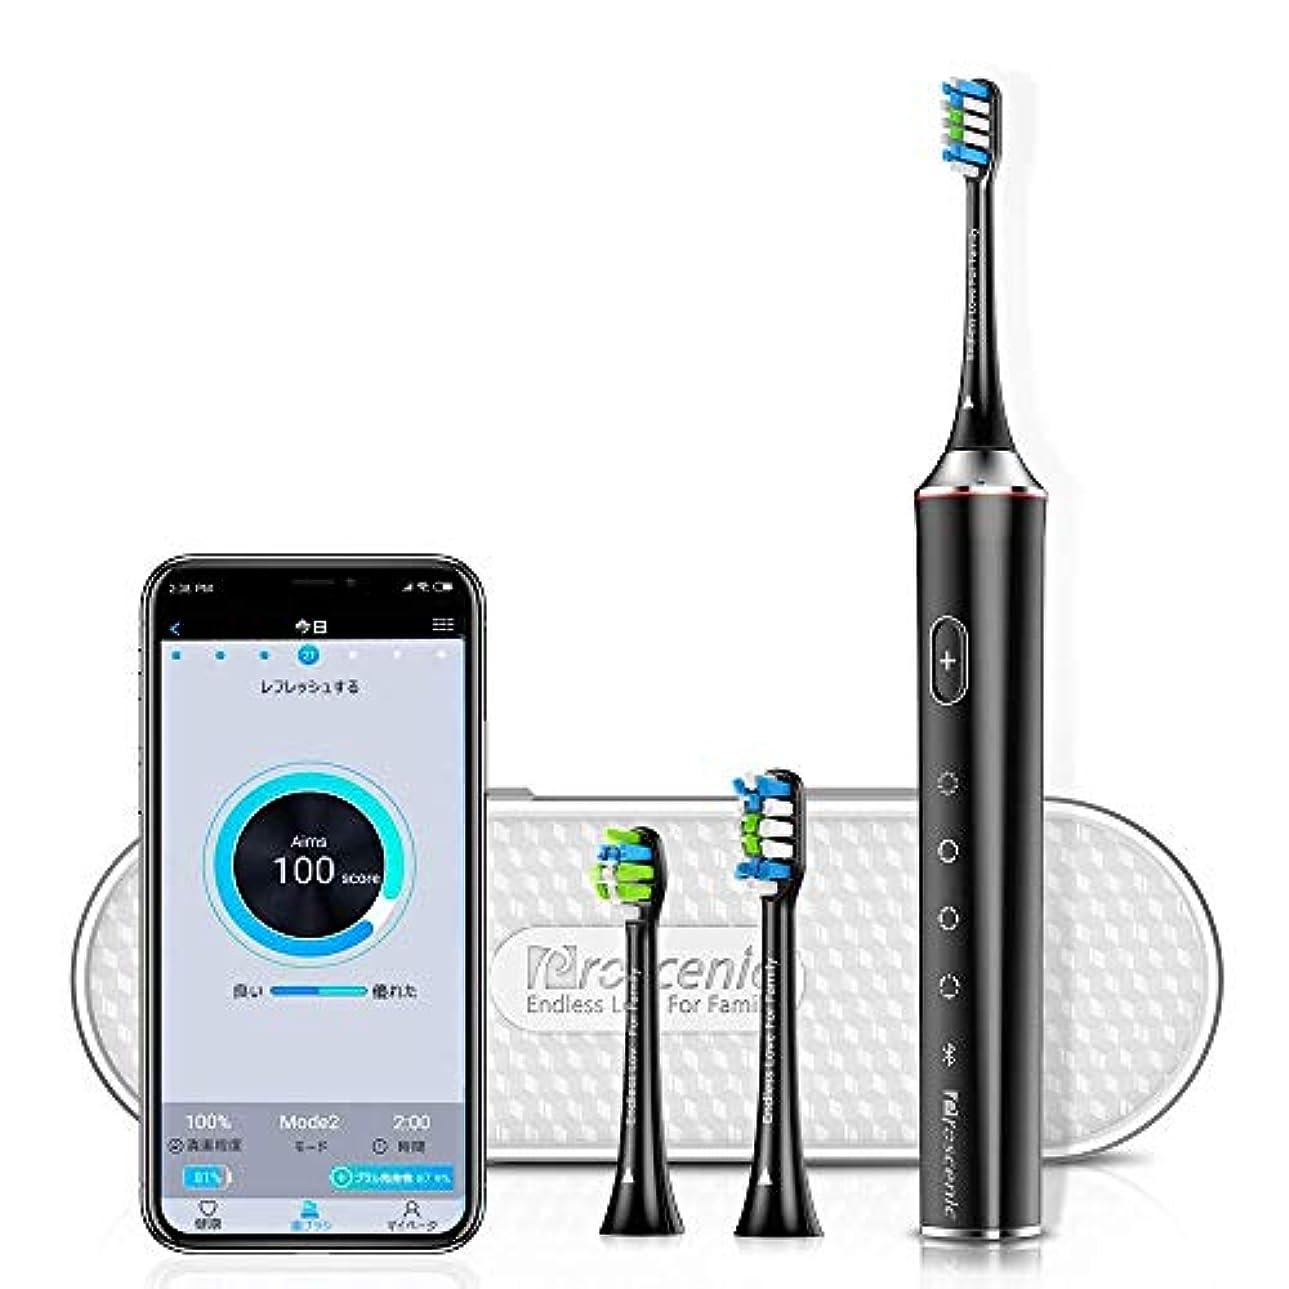 悲惨メリー良いProscenic 電動歯ブラシ アプリ制御 壁掛け充電 超音波歯ブラシ 2分タイミング IPX7防水 四つモード搭載 60日使用 替えブラシ2本 (ブラック)